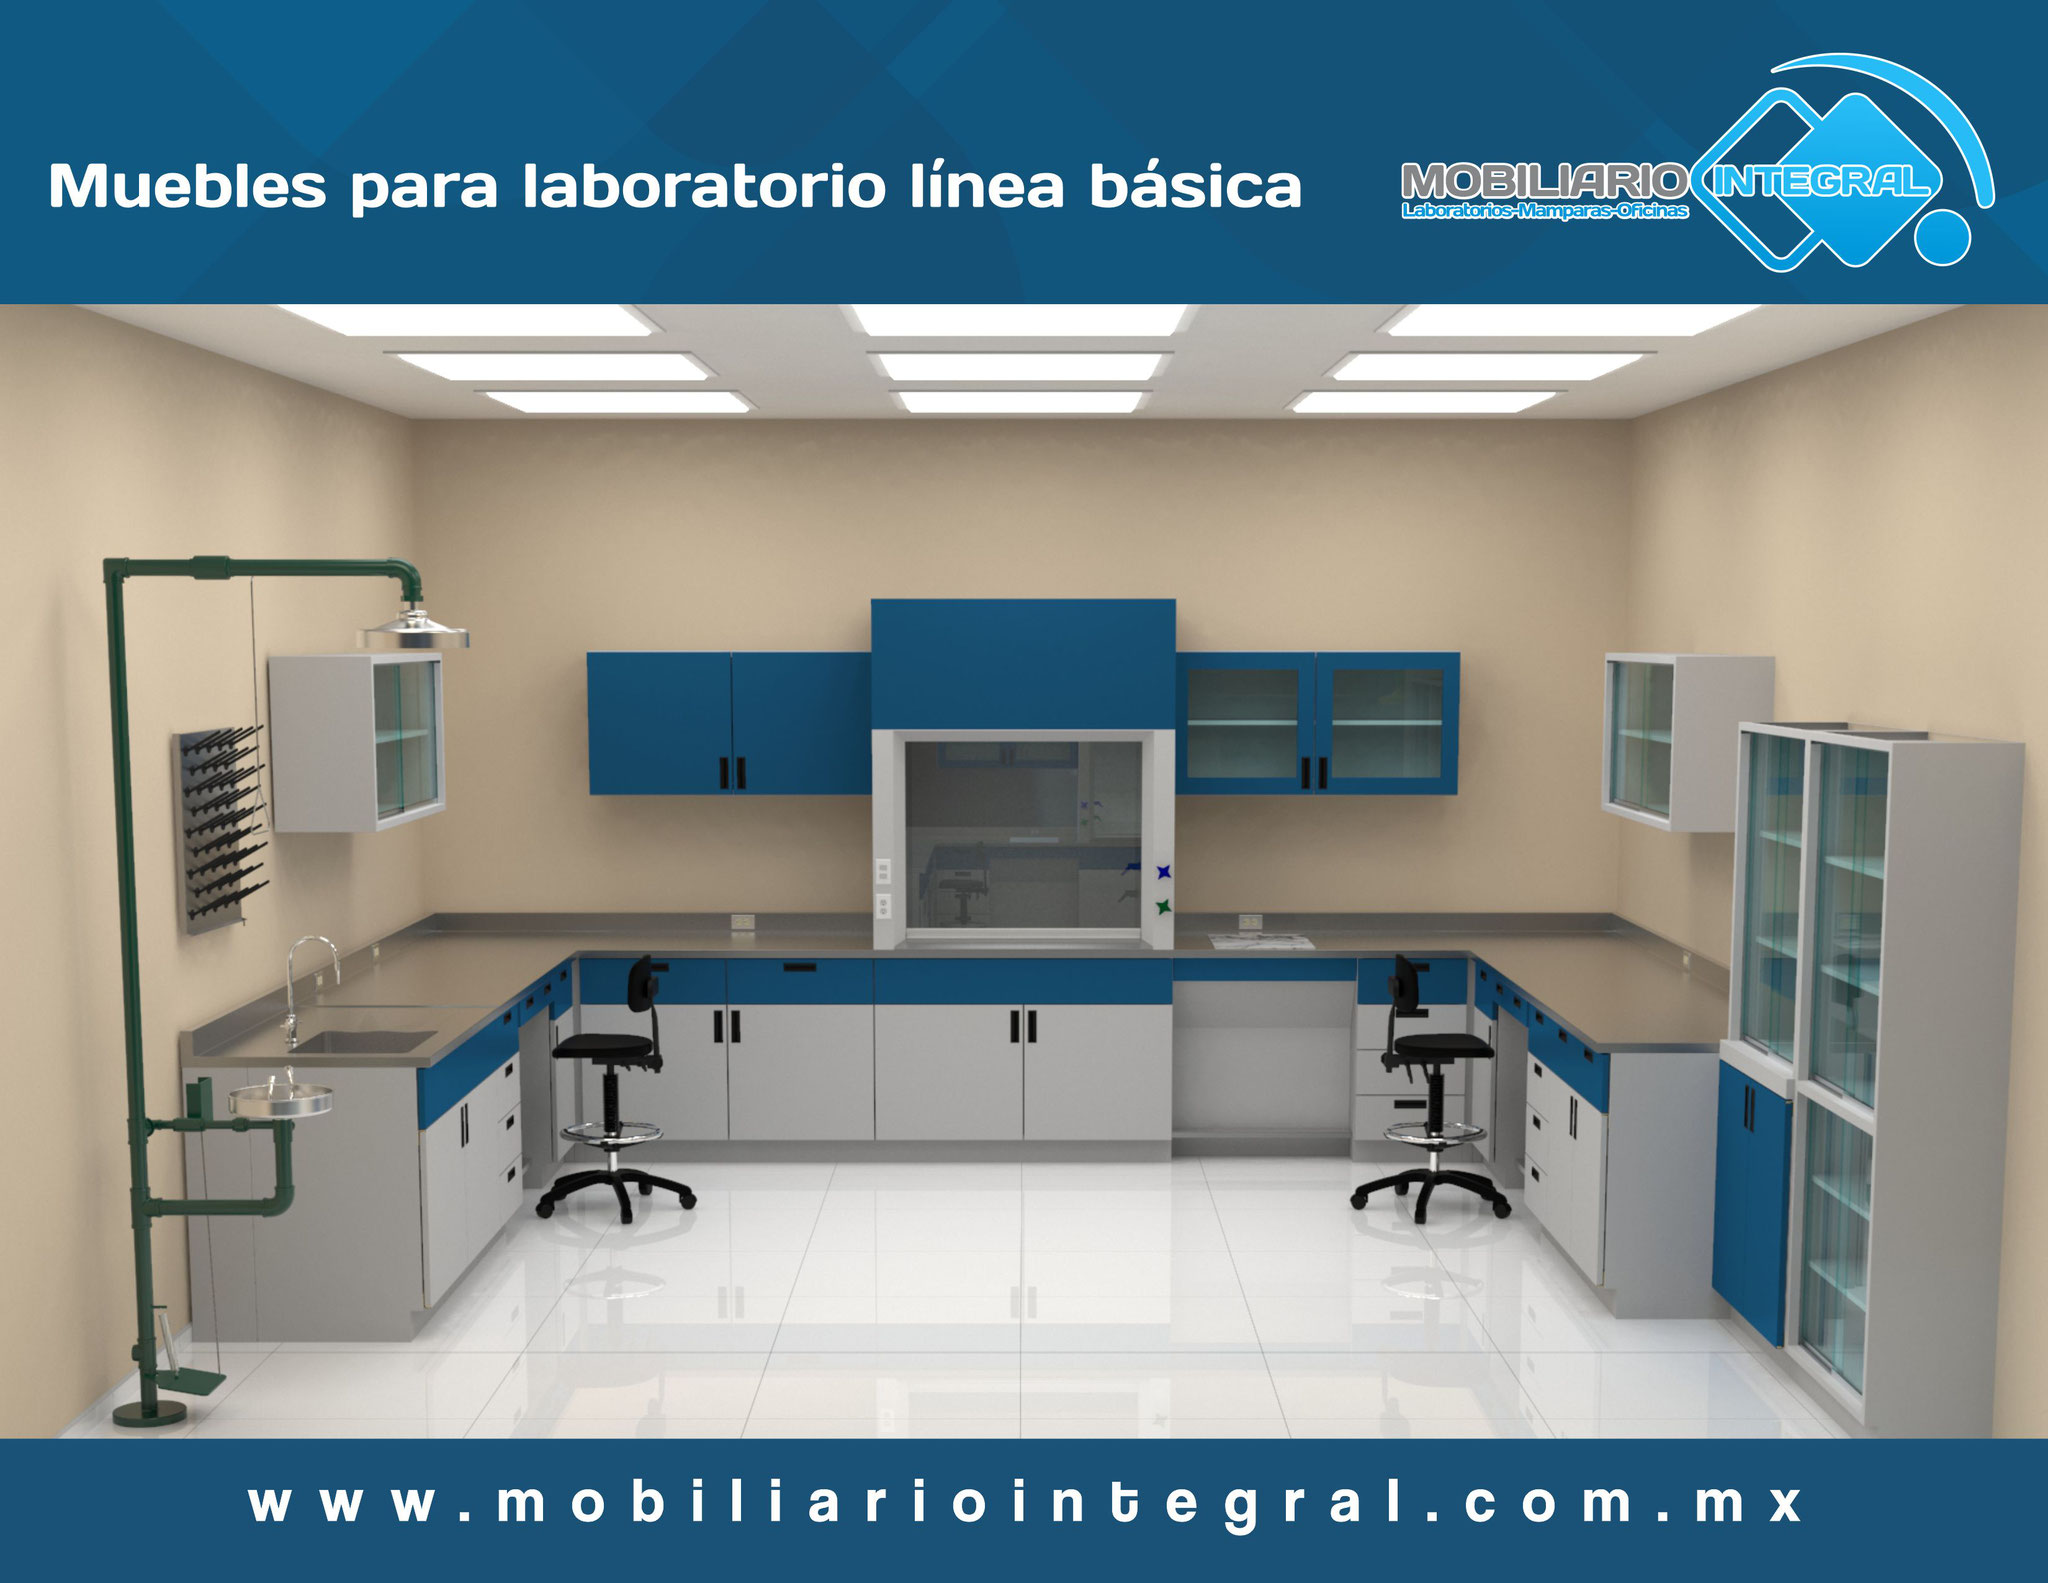 Muebles para laboratorio en Oaxaca